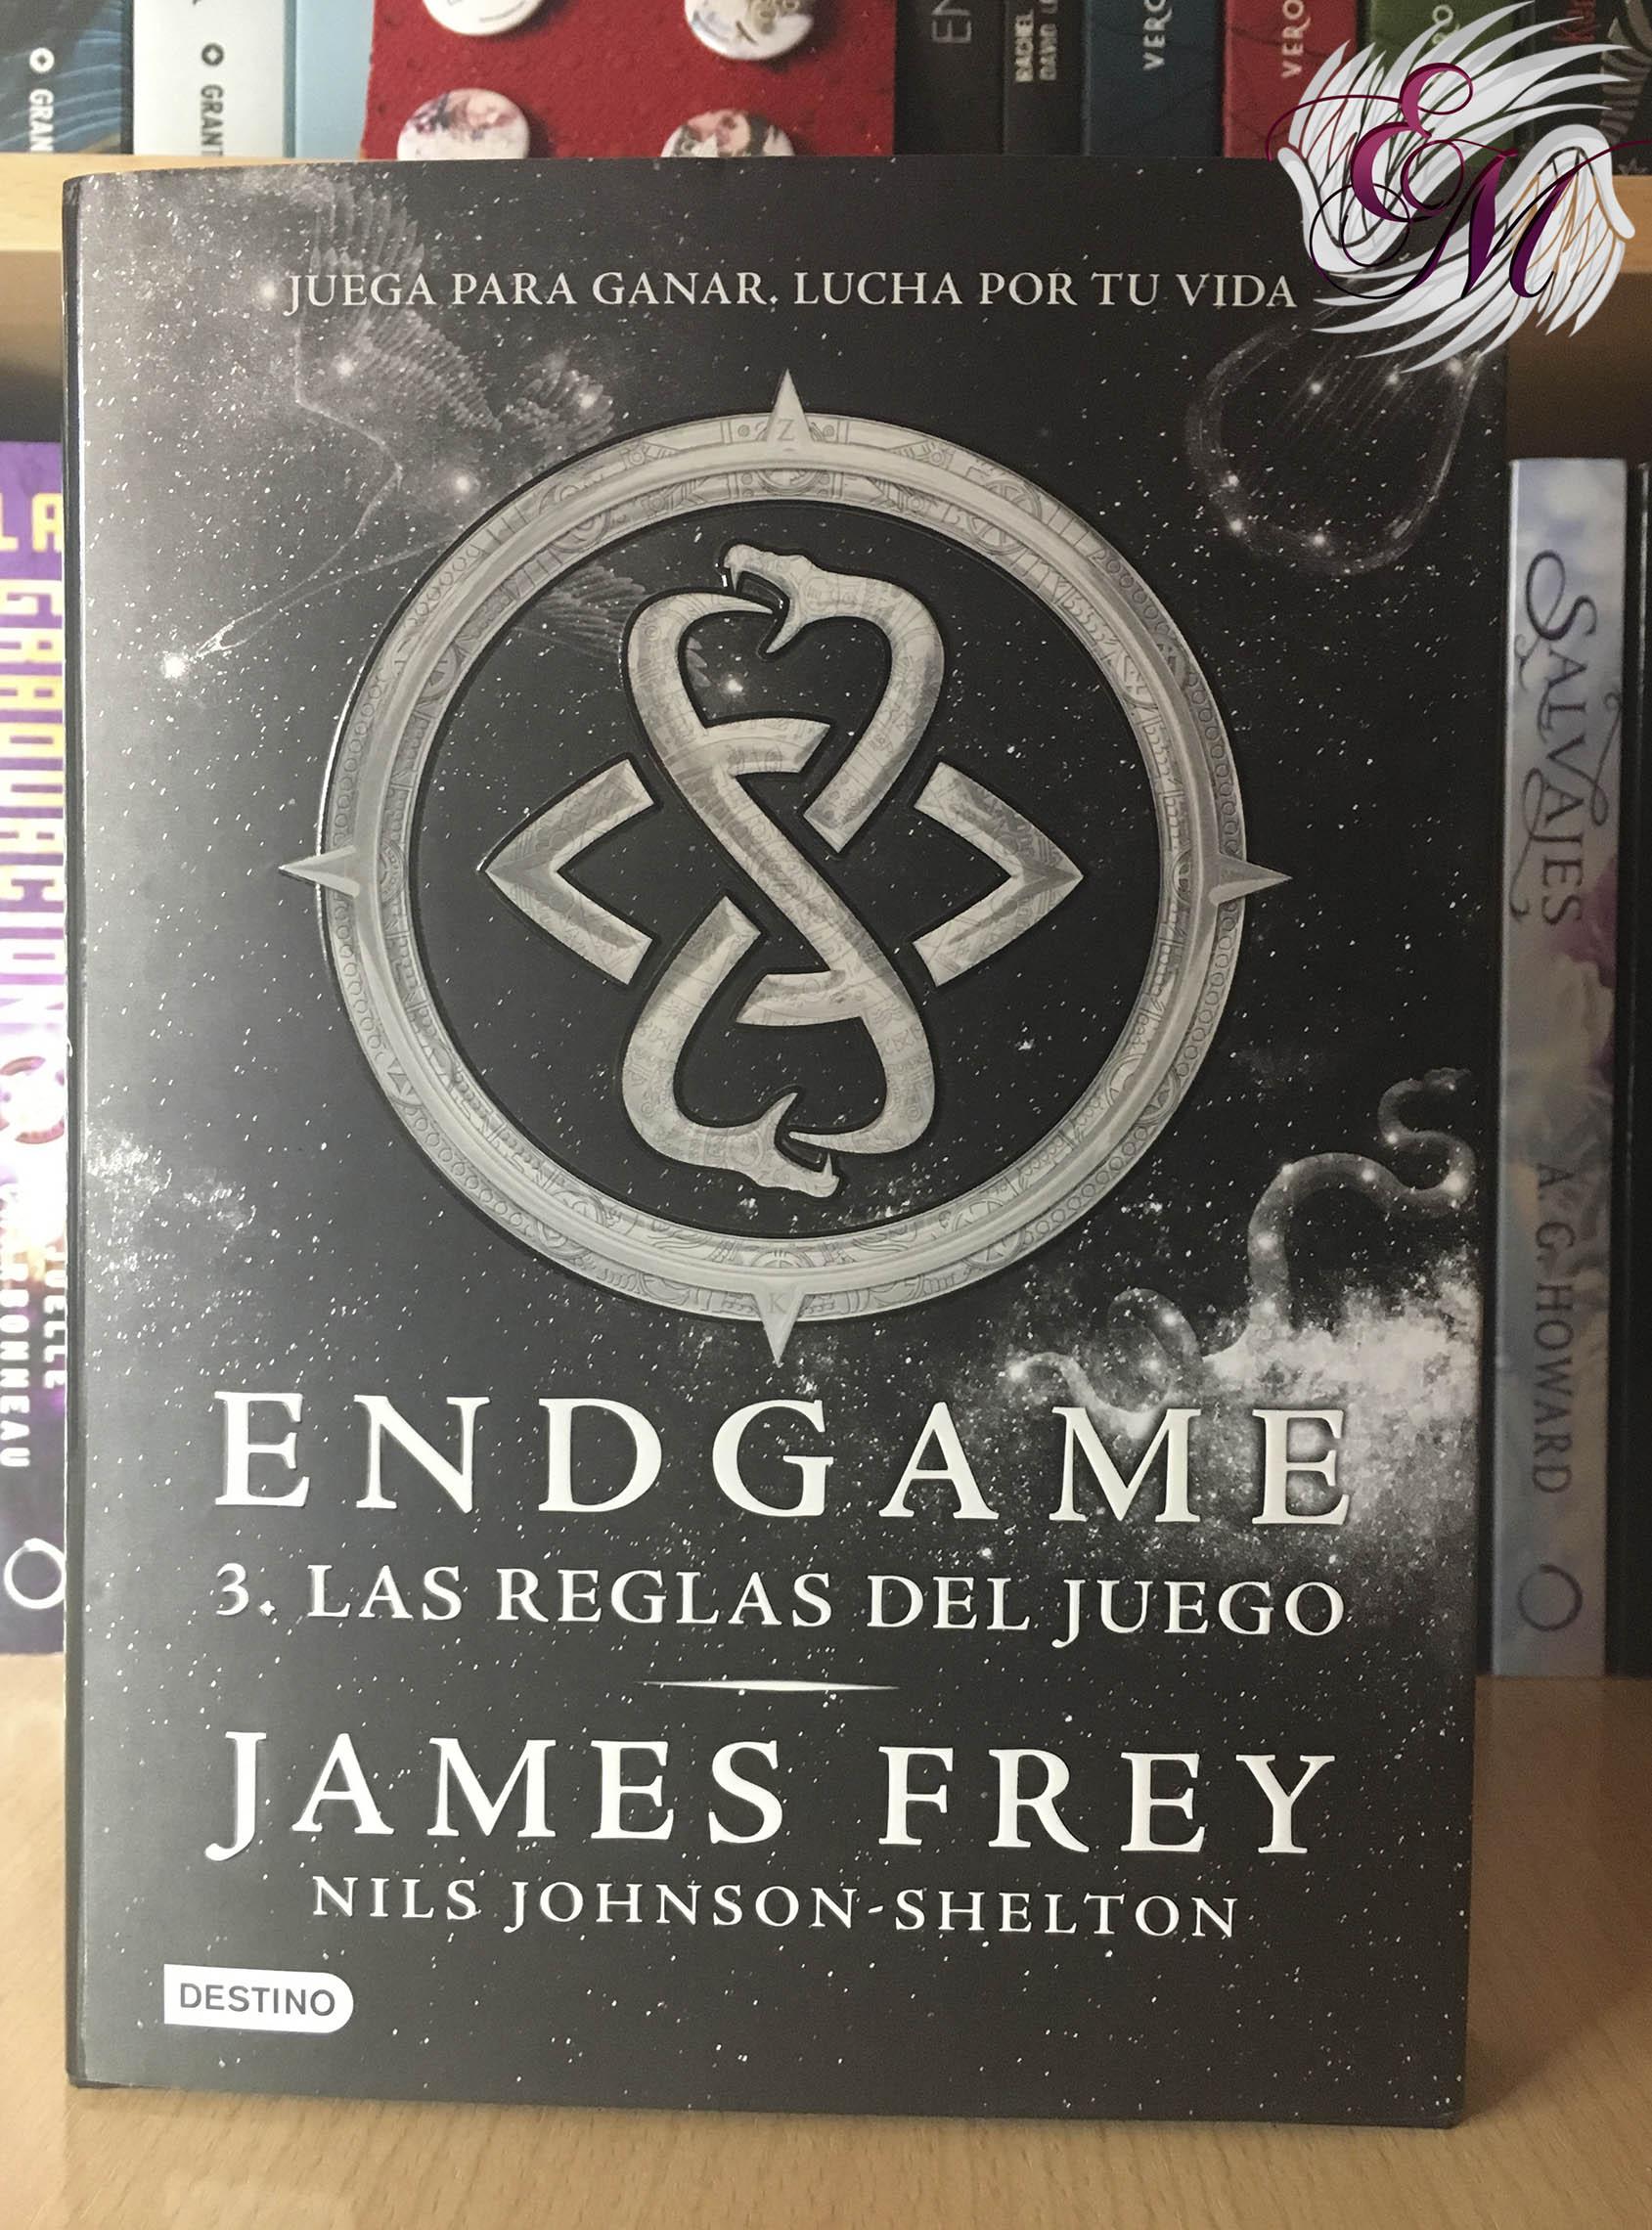 Endgame 3: Las reglas del juego, de James Frey - Reseña